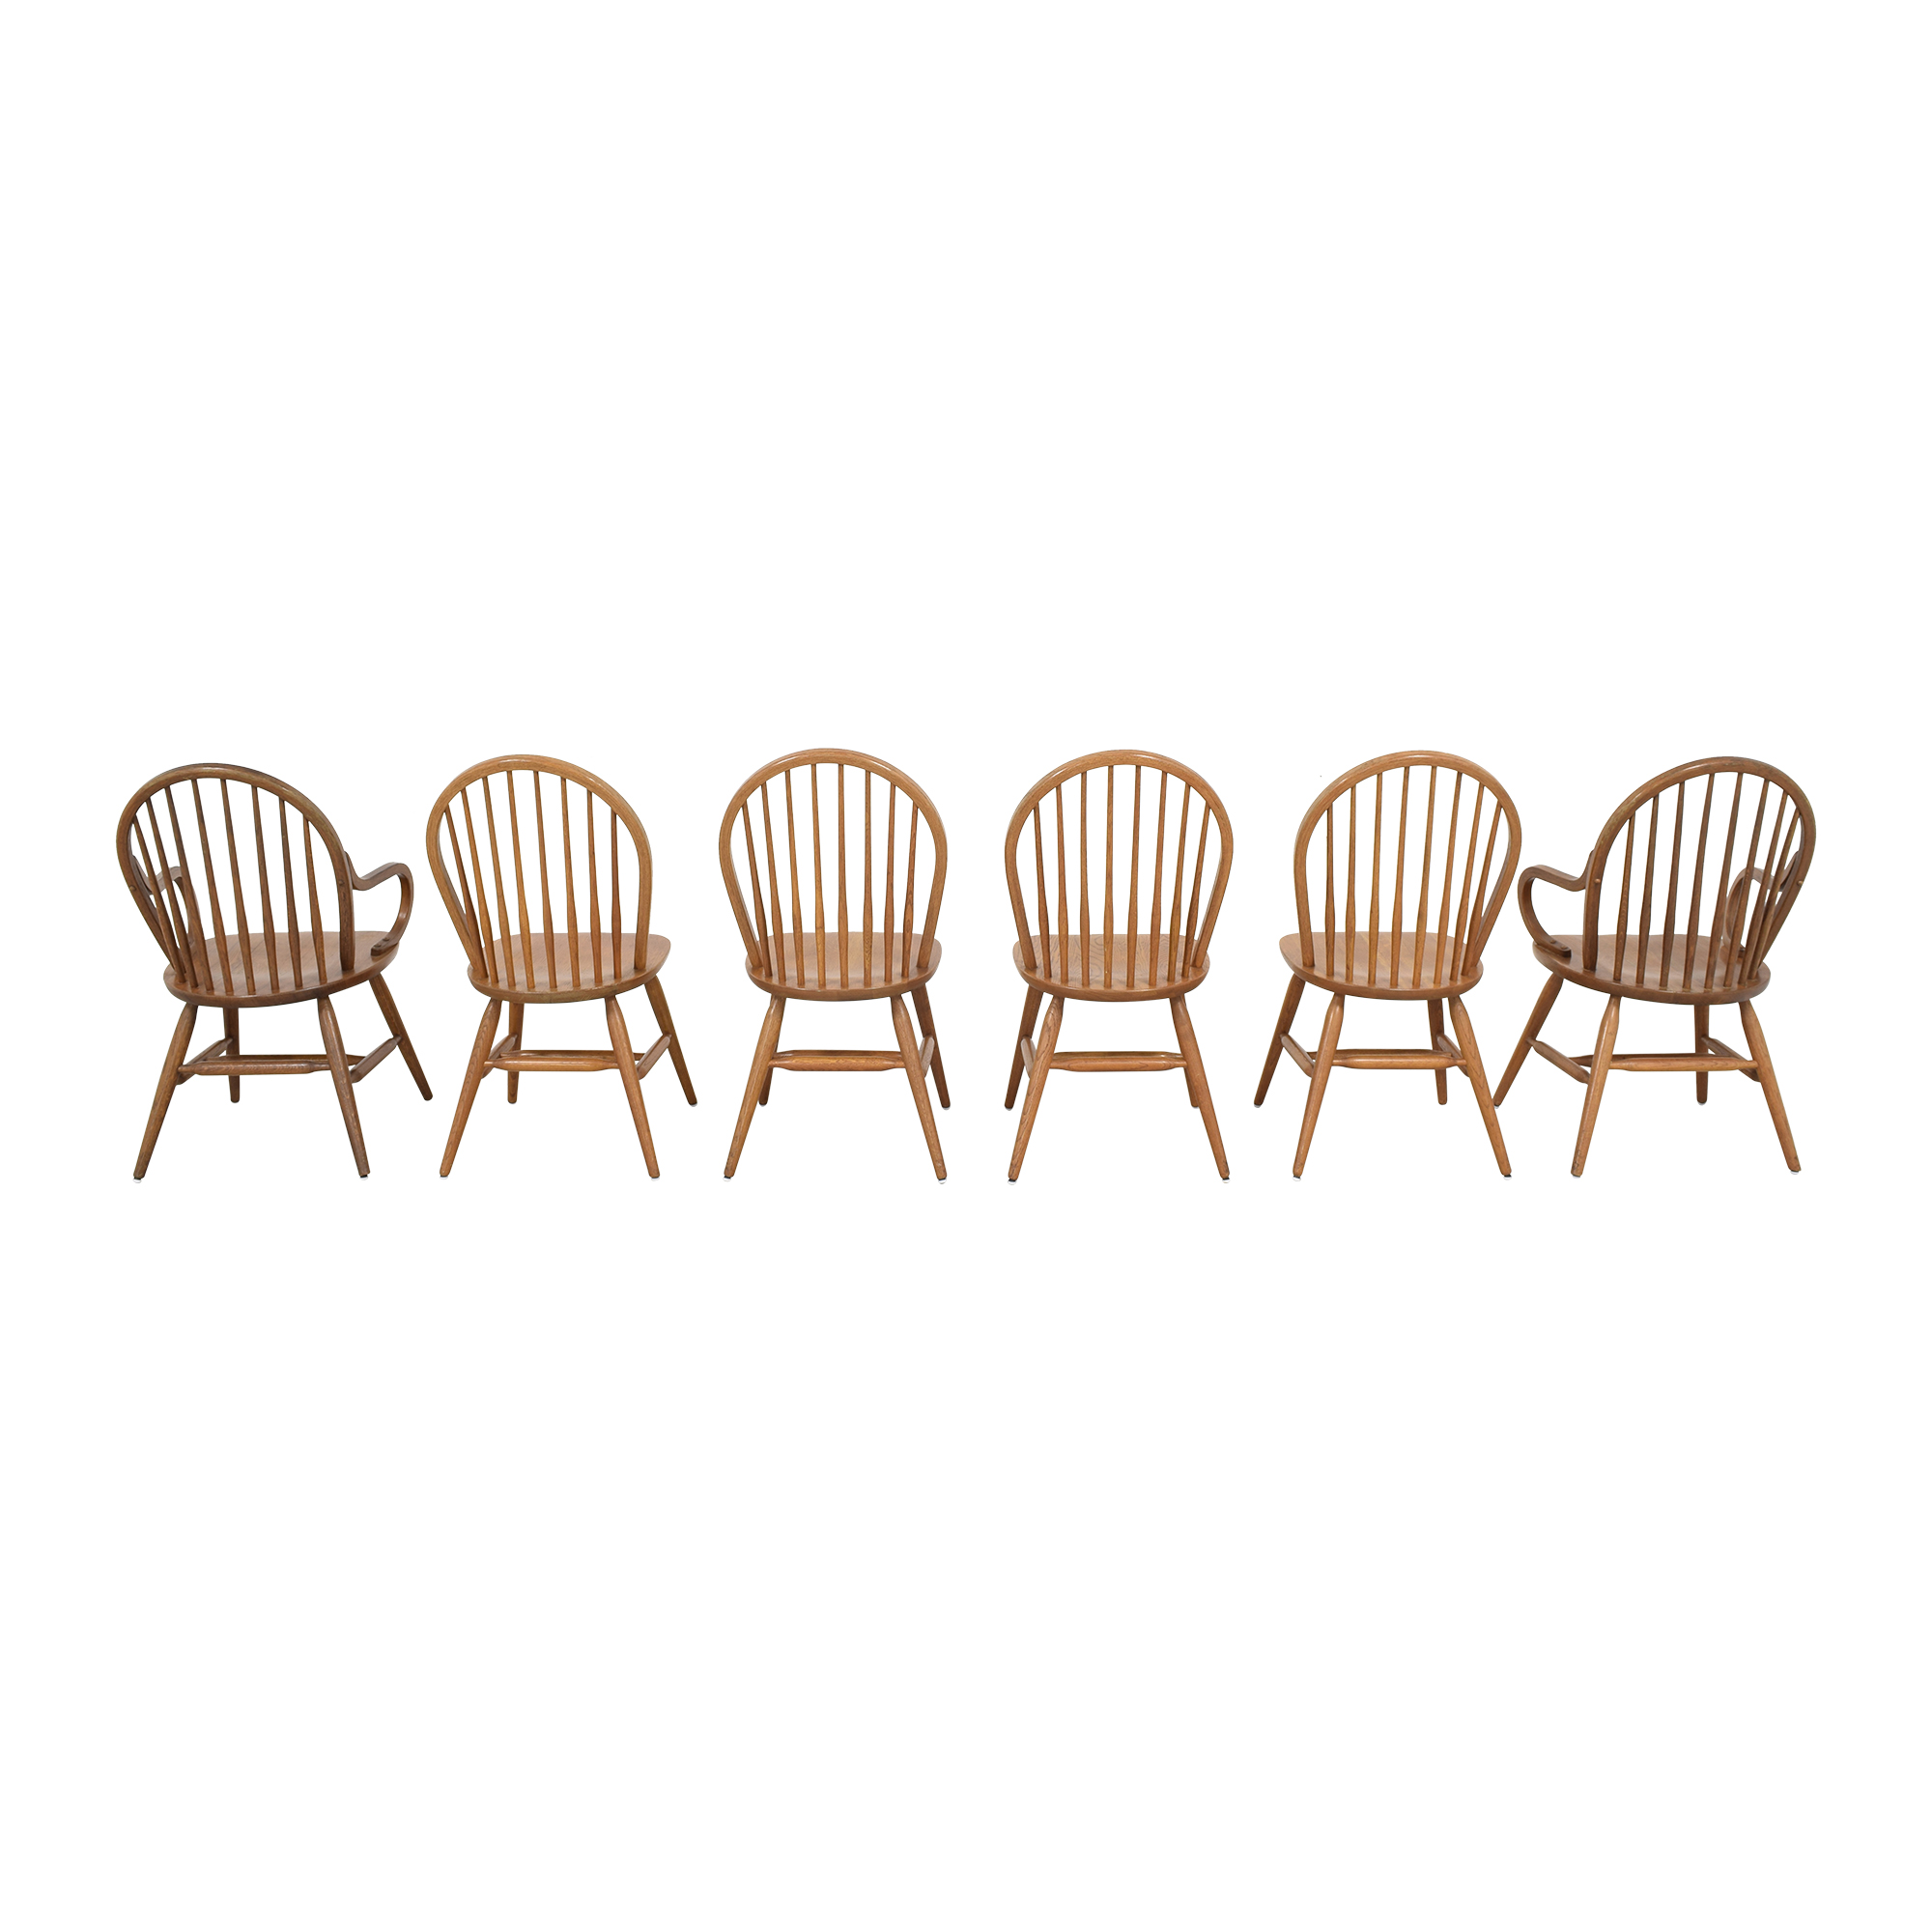 buy Keller Dining Chairs Keller Chairs